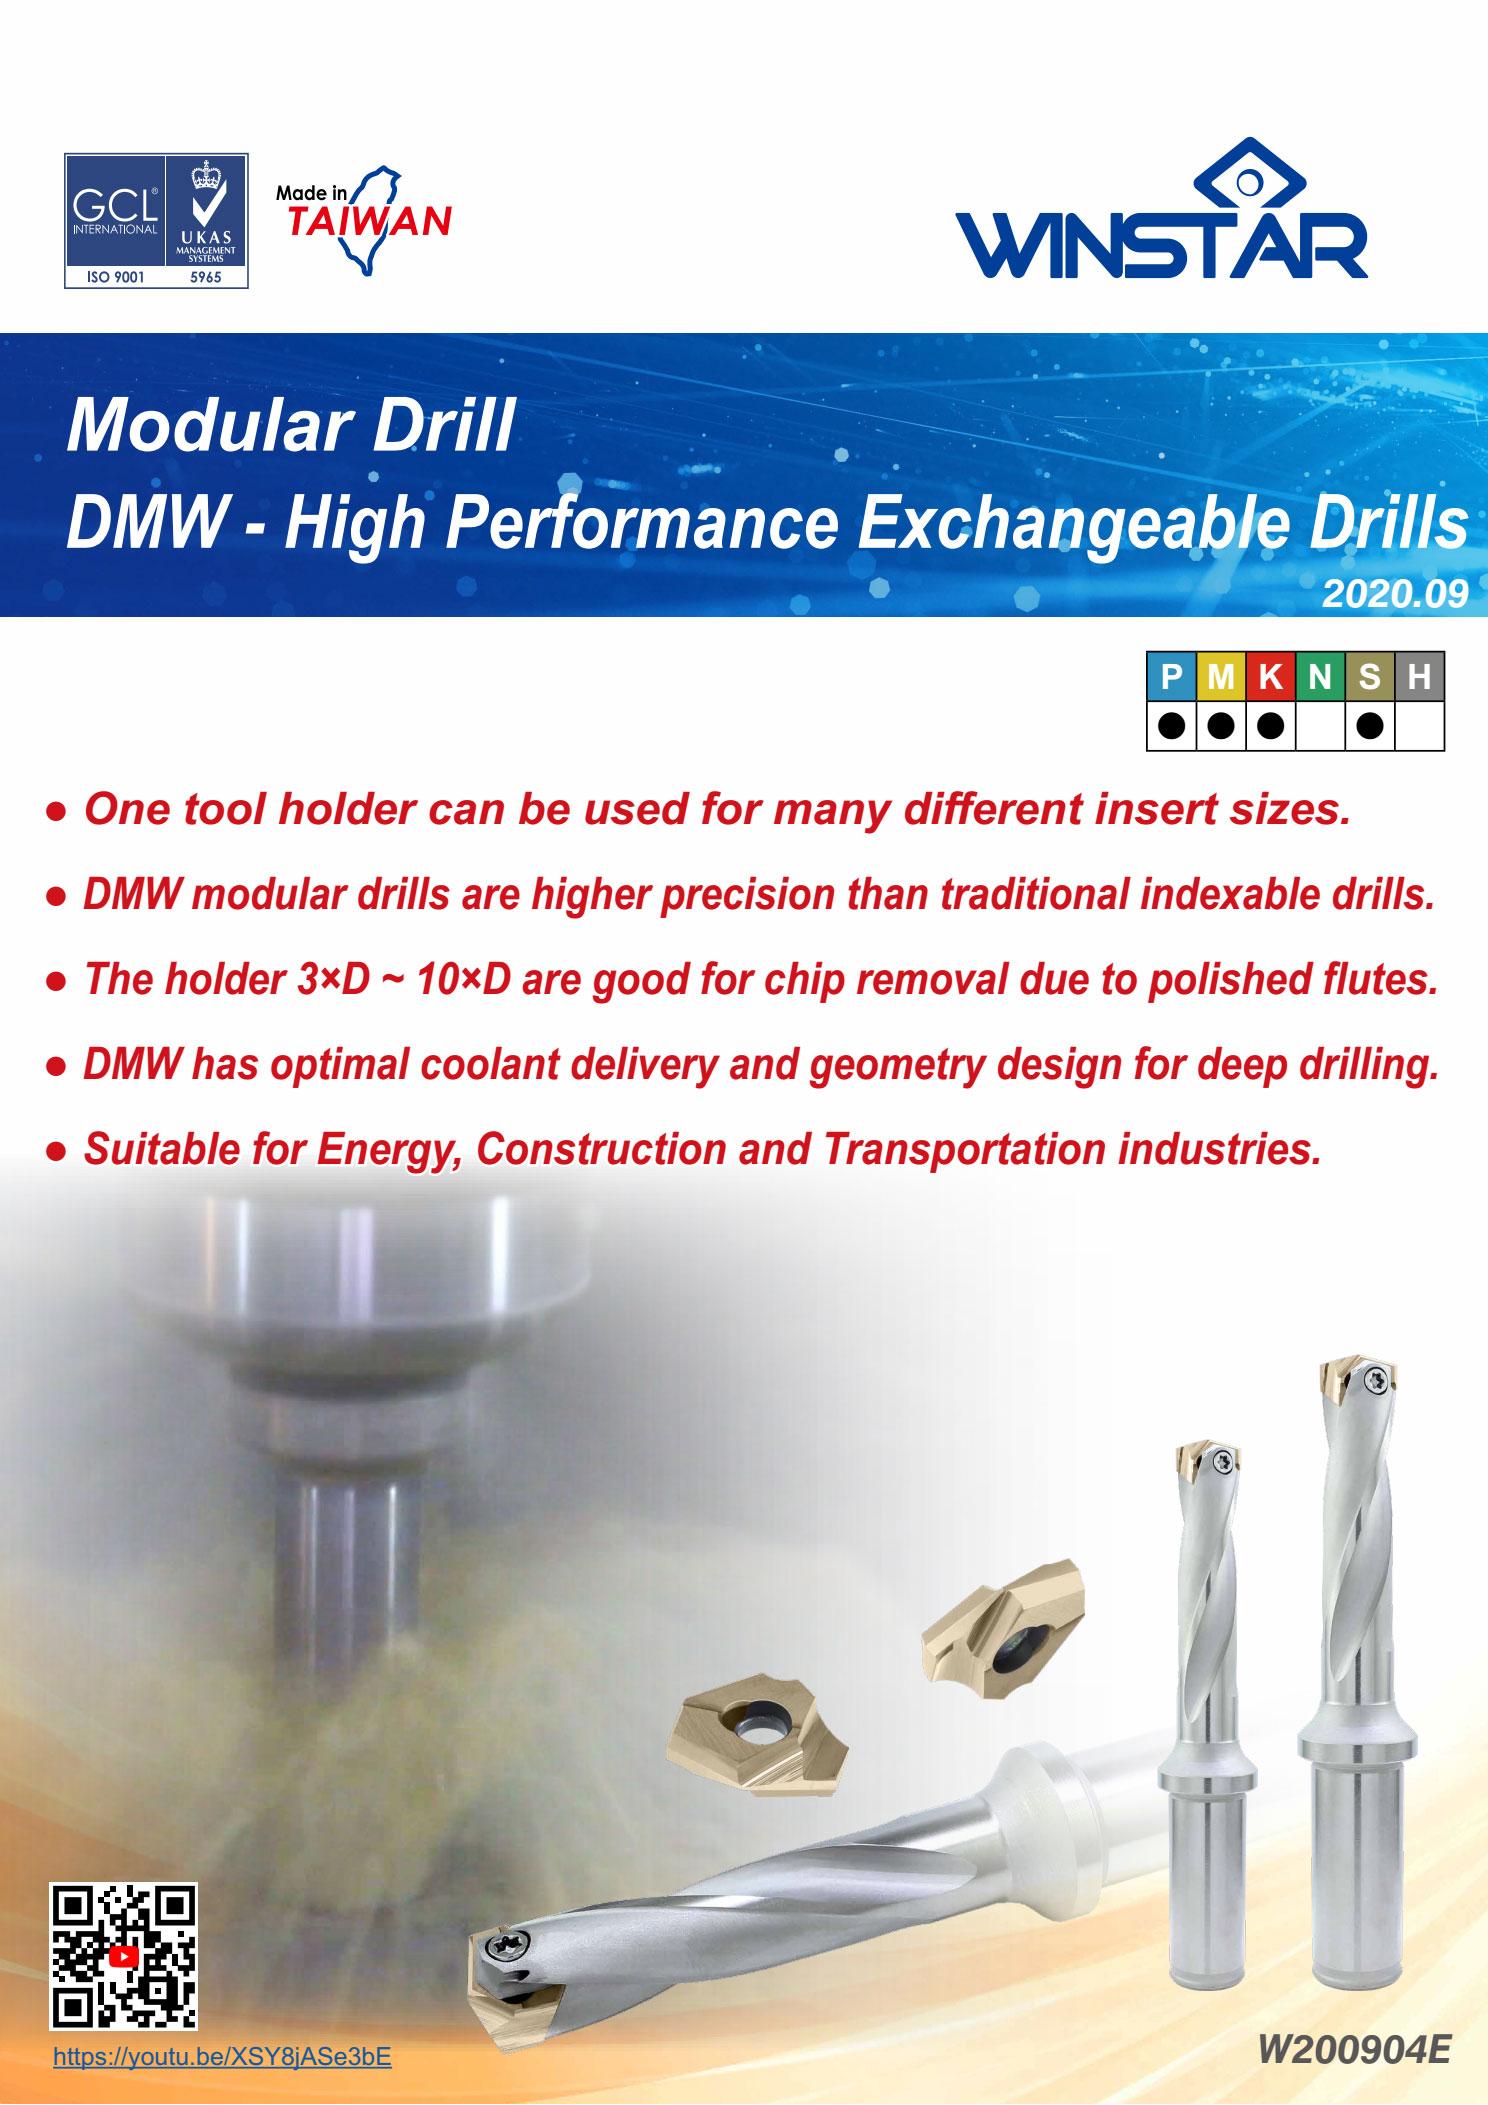 Mũi Khoan Gắn Mảnh Winstar DMW Modular Drills 1